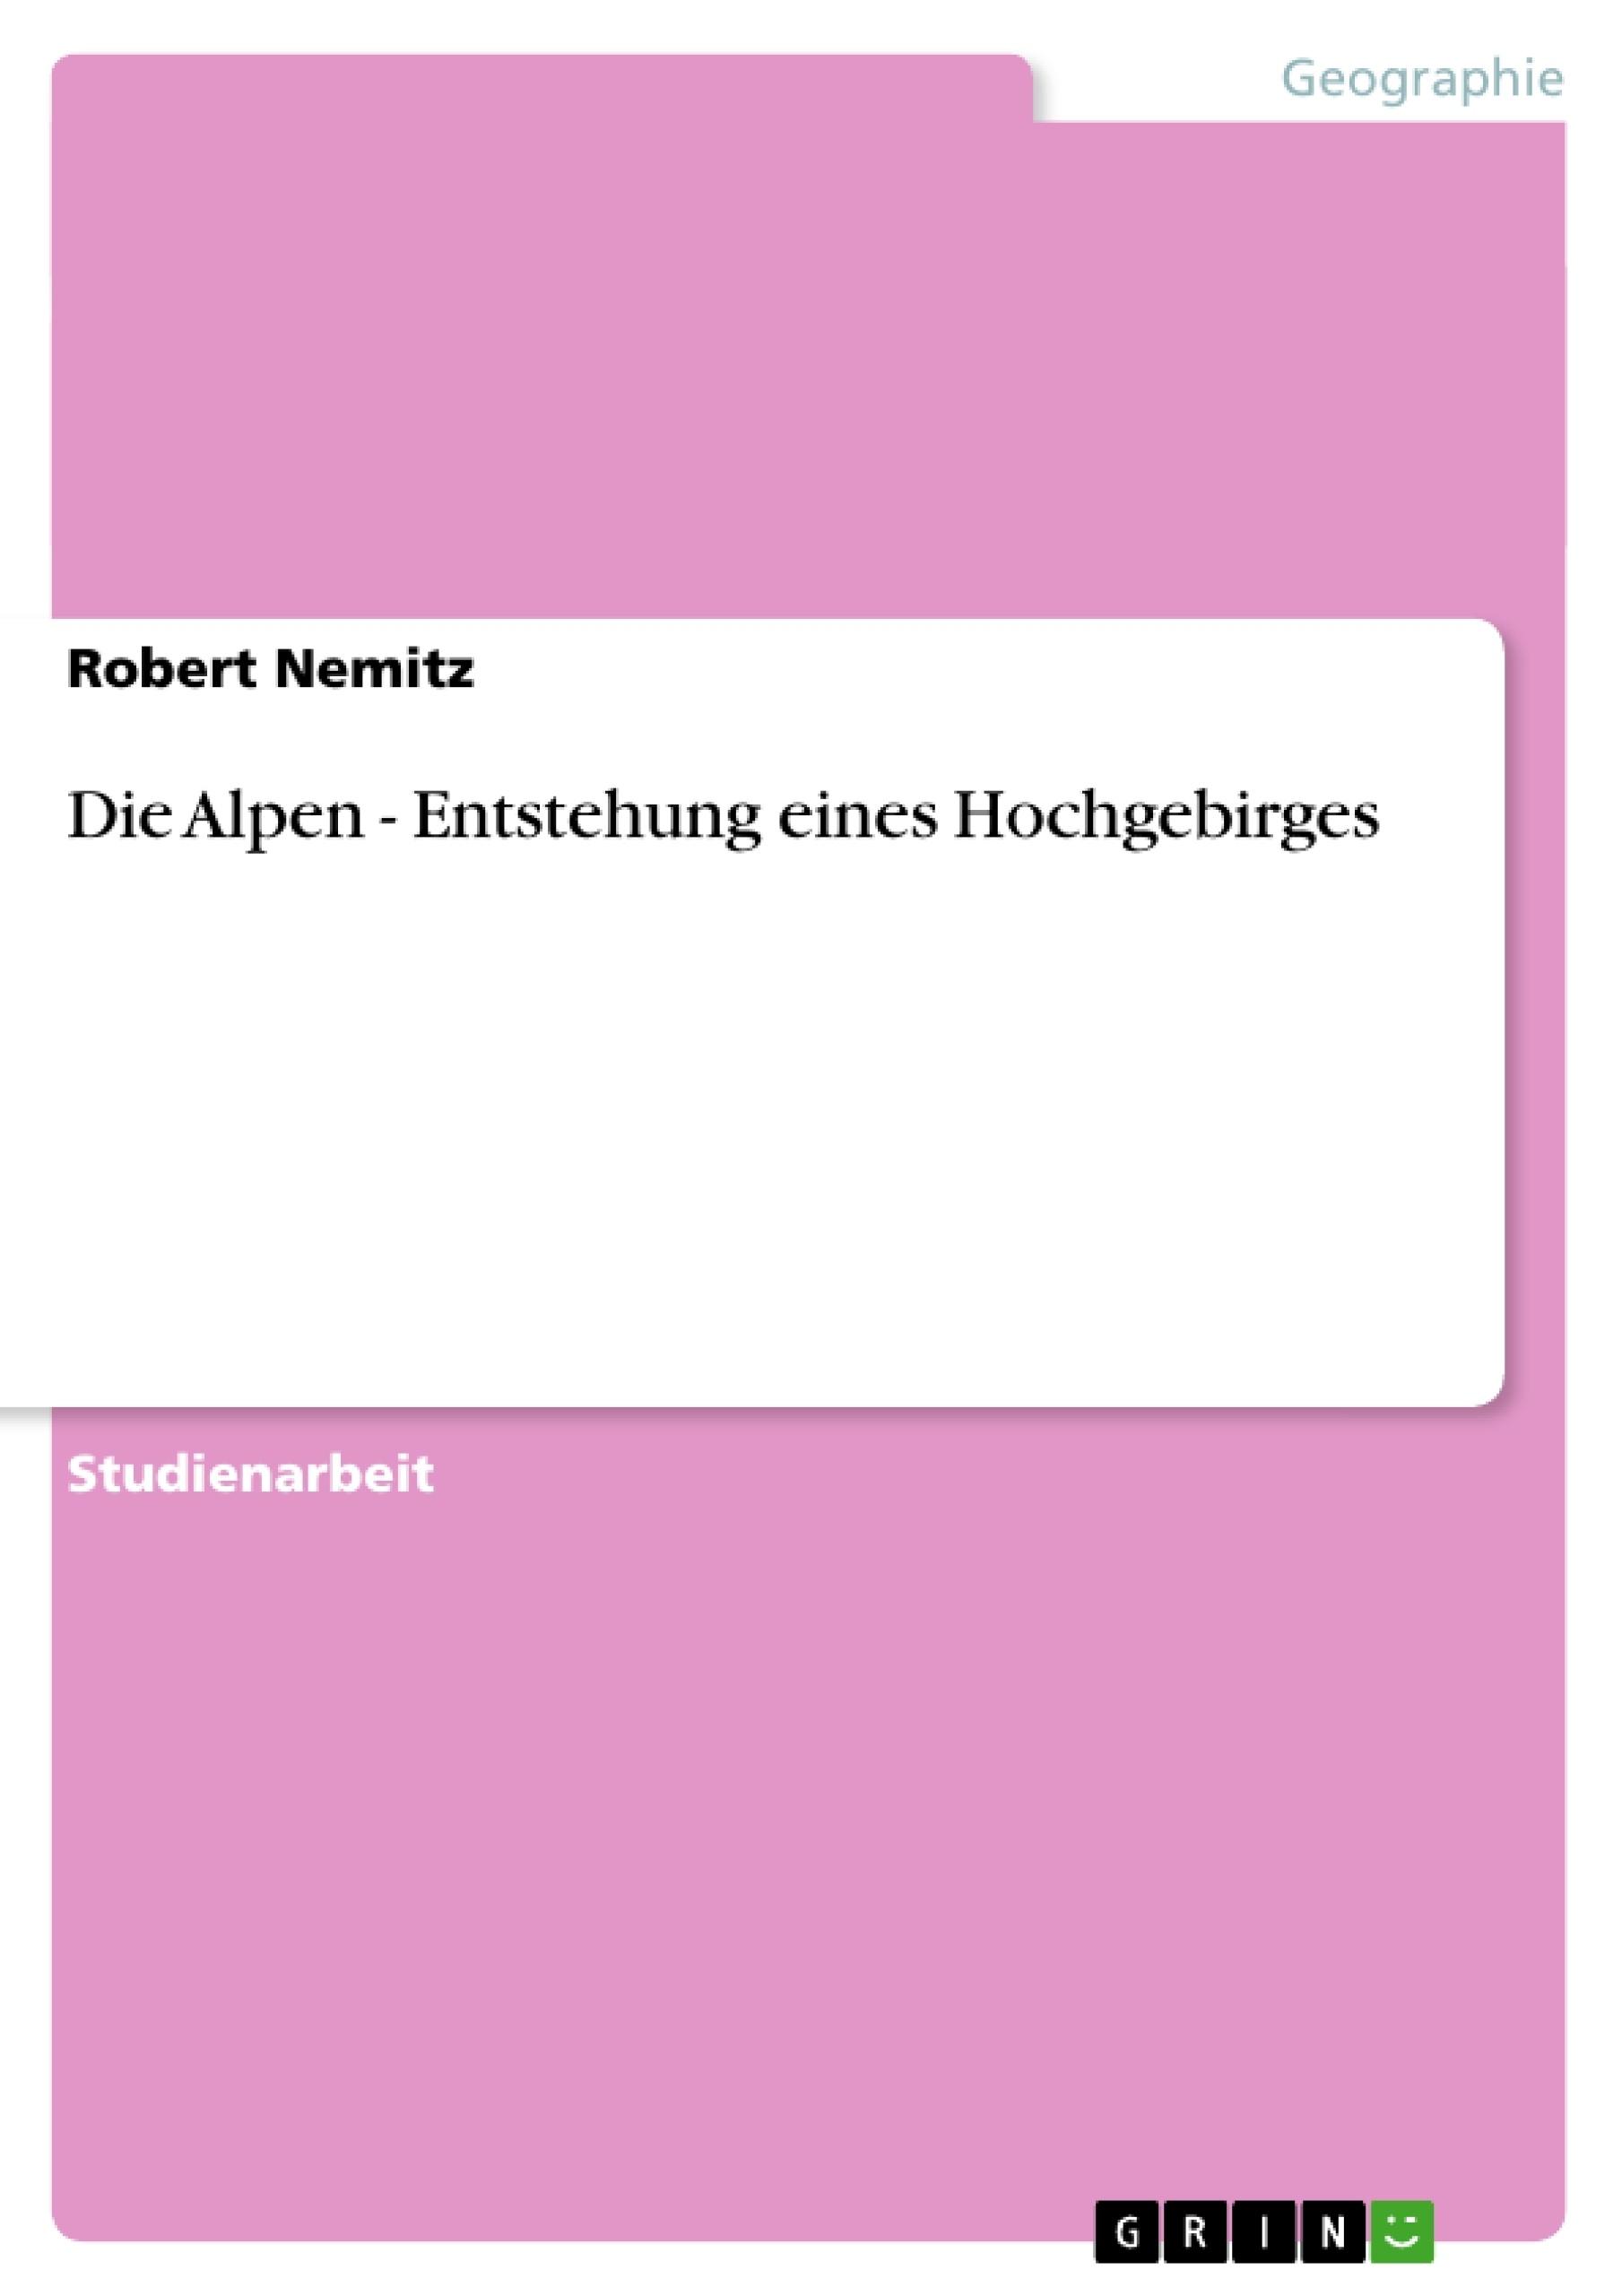 Titel: Die Alpen - Entstehung eines Hochgebirges